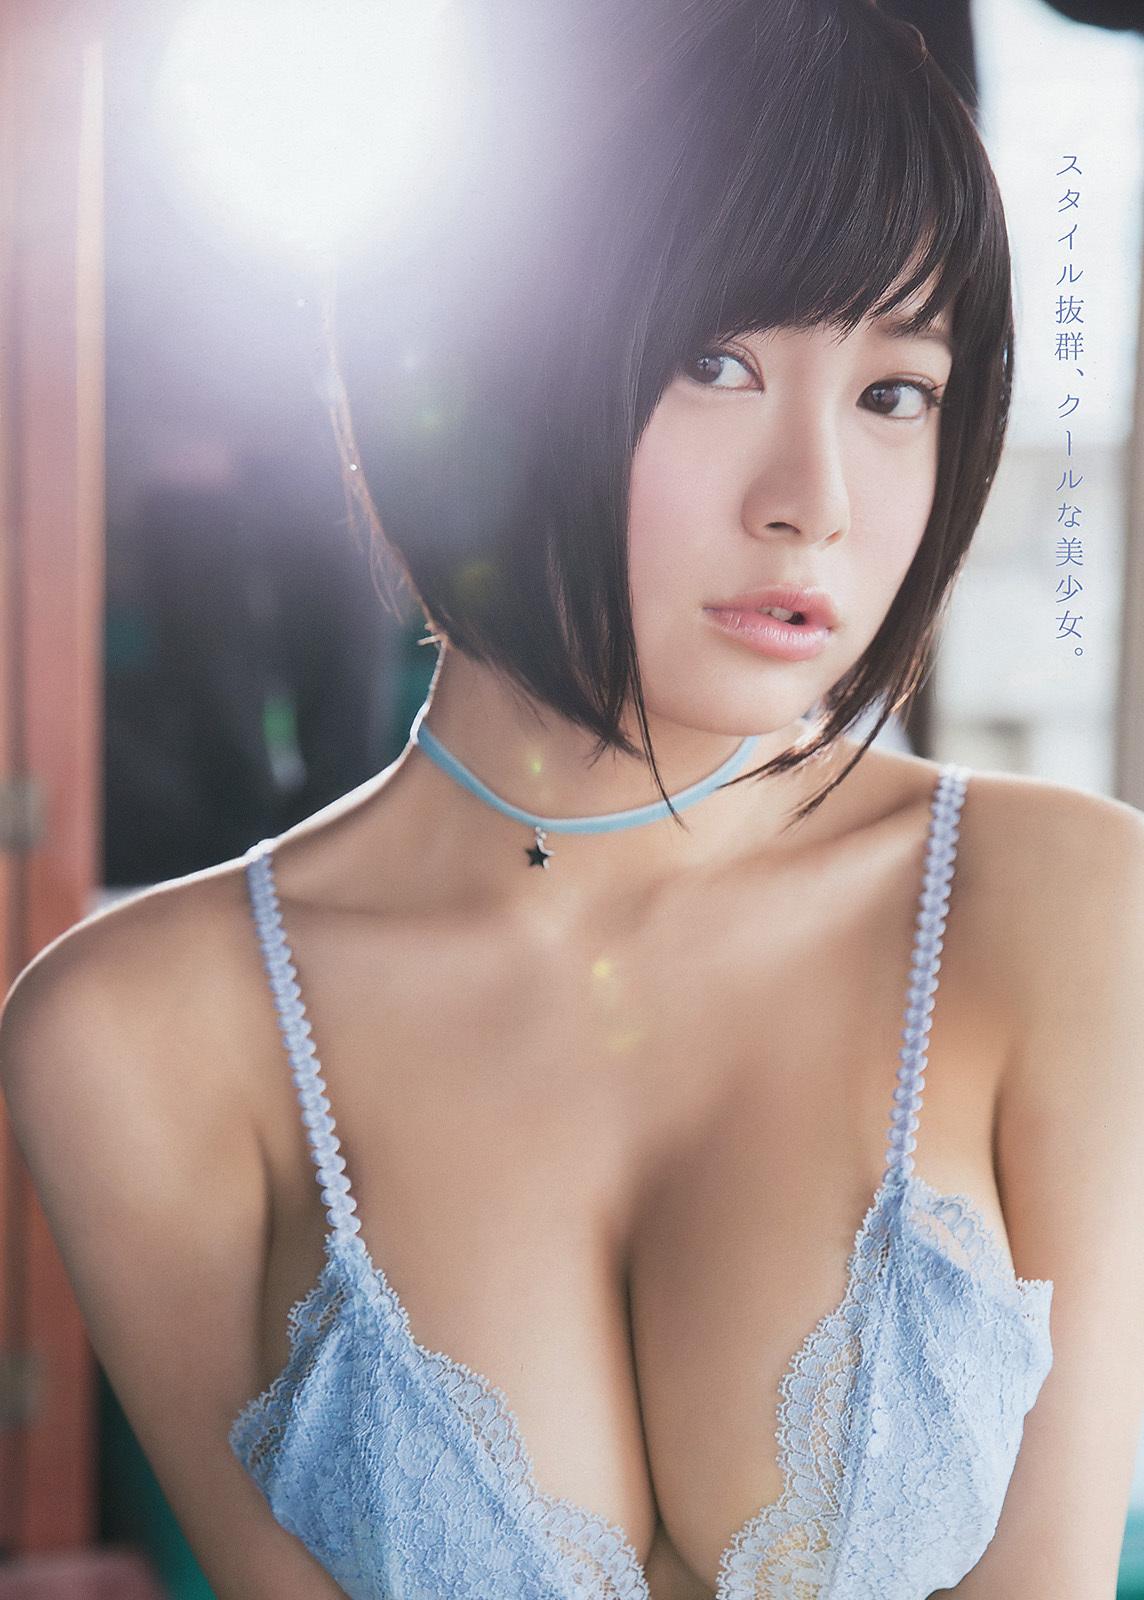 RaMu ピチムチ弾けるHカップおっぱいハミ乳セクシー画像